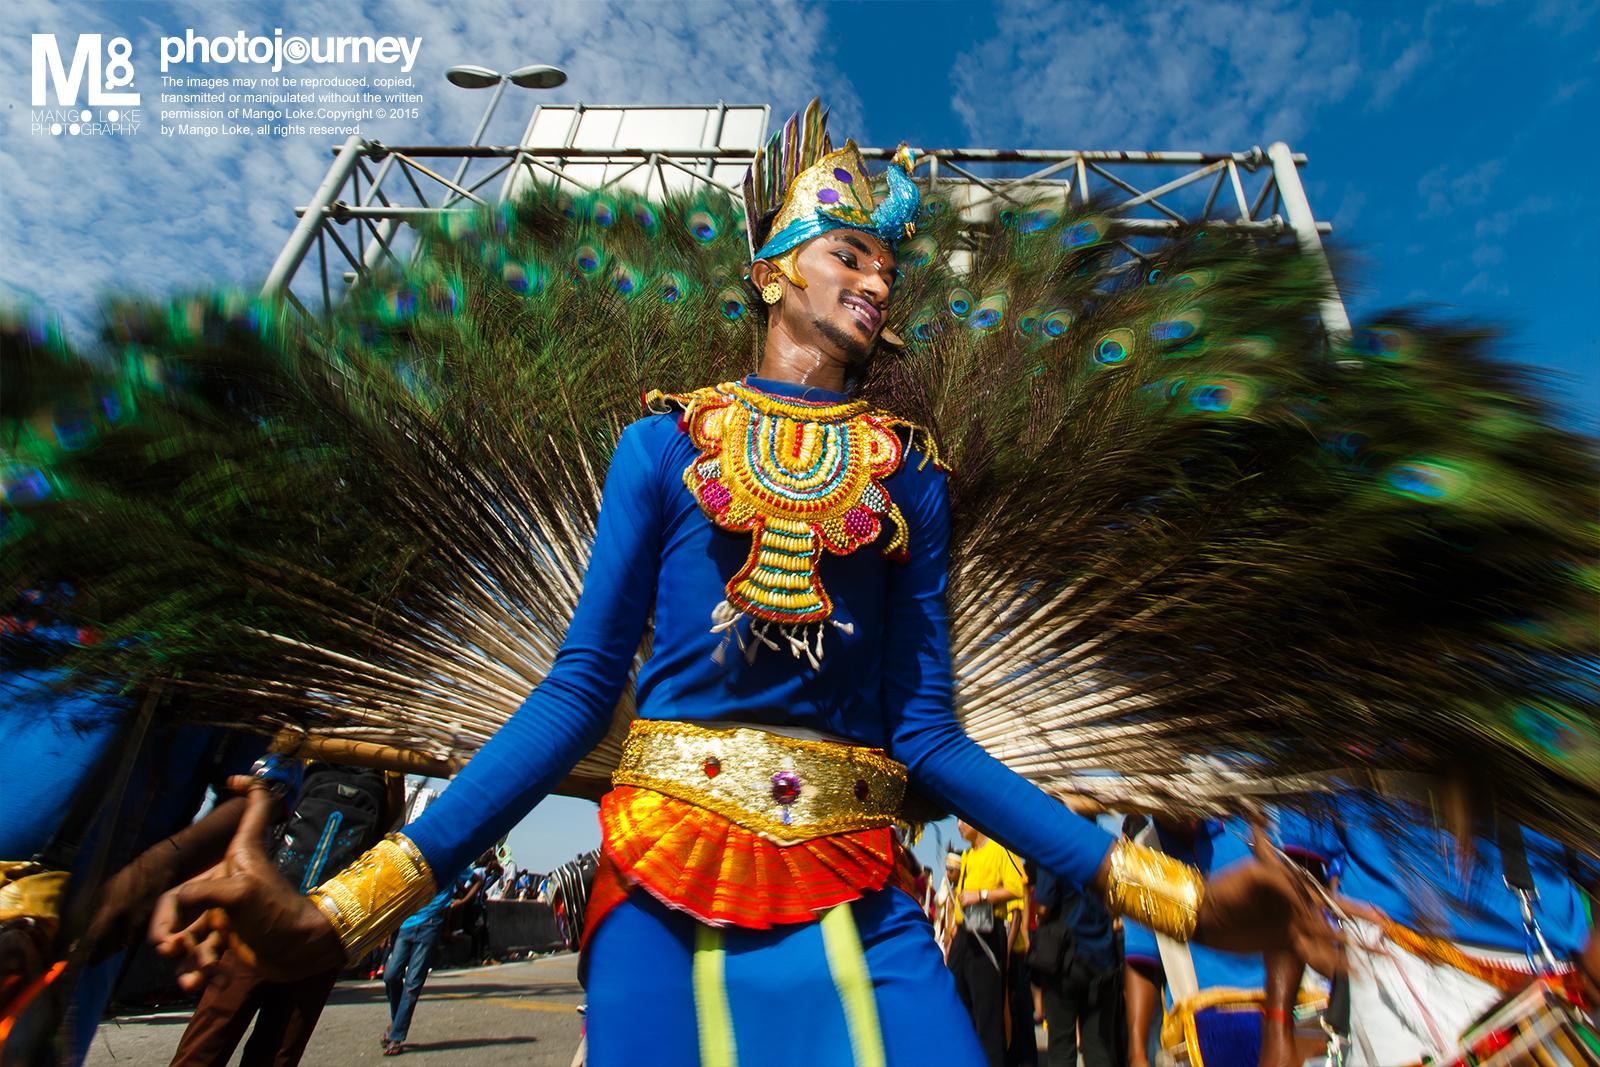 孔雀舞者.大宝森.The Dancing Peacock.Thaipusam 2015  黑风洞. Batu Cave. 2015 CANON1DX 16-35MM F2.8L 1/50 F18 ISO100